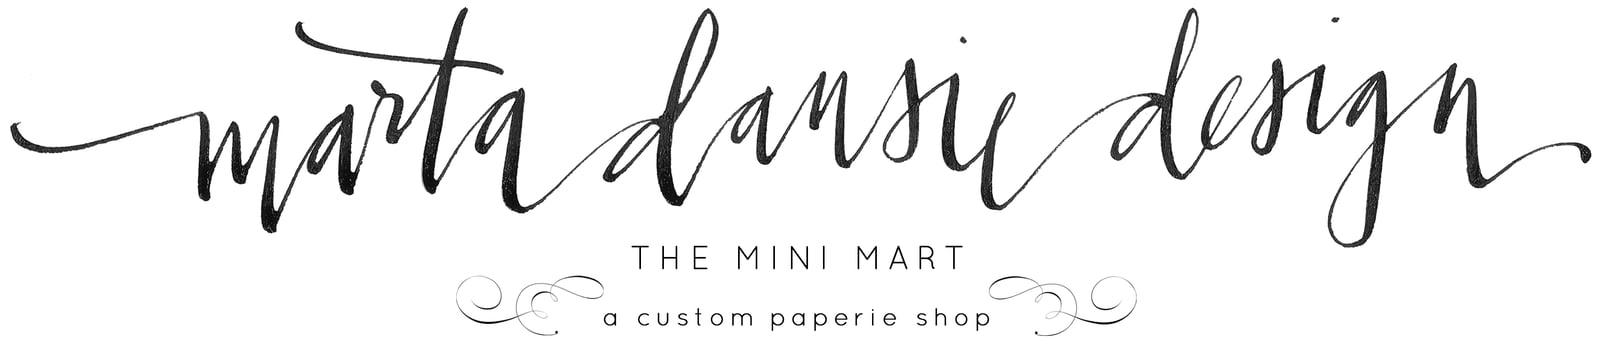 The Mini Mart